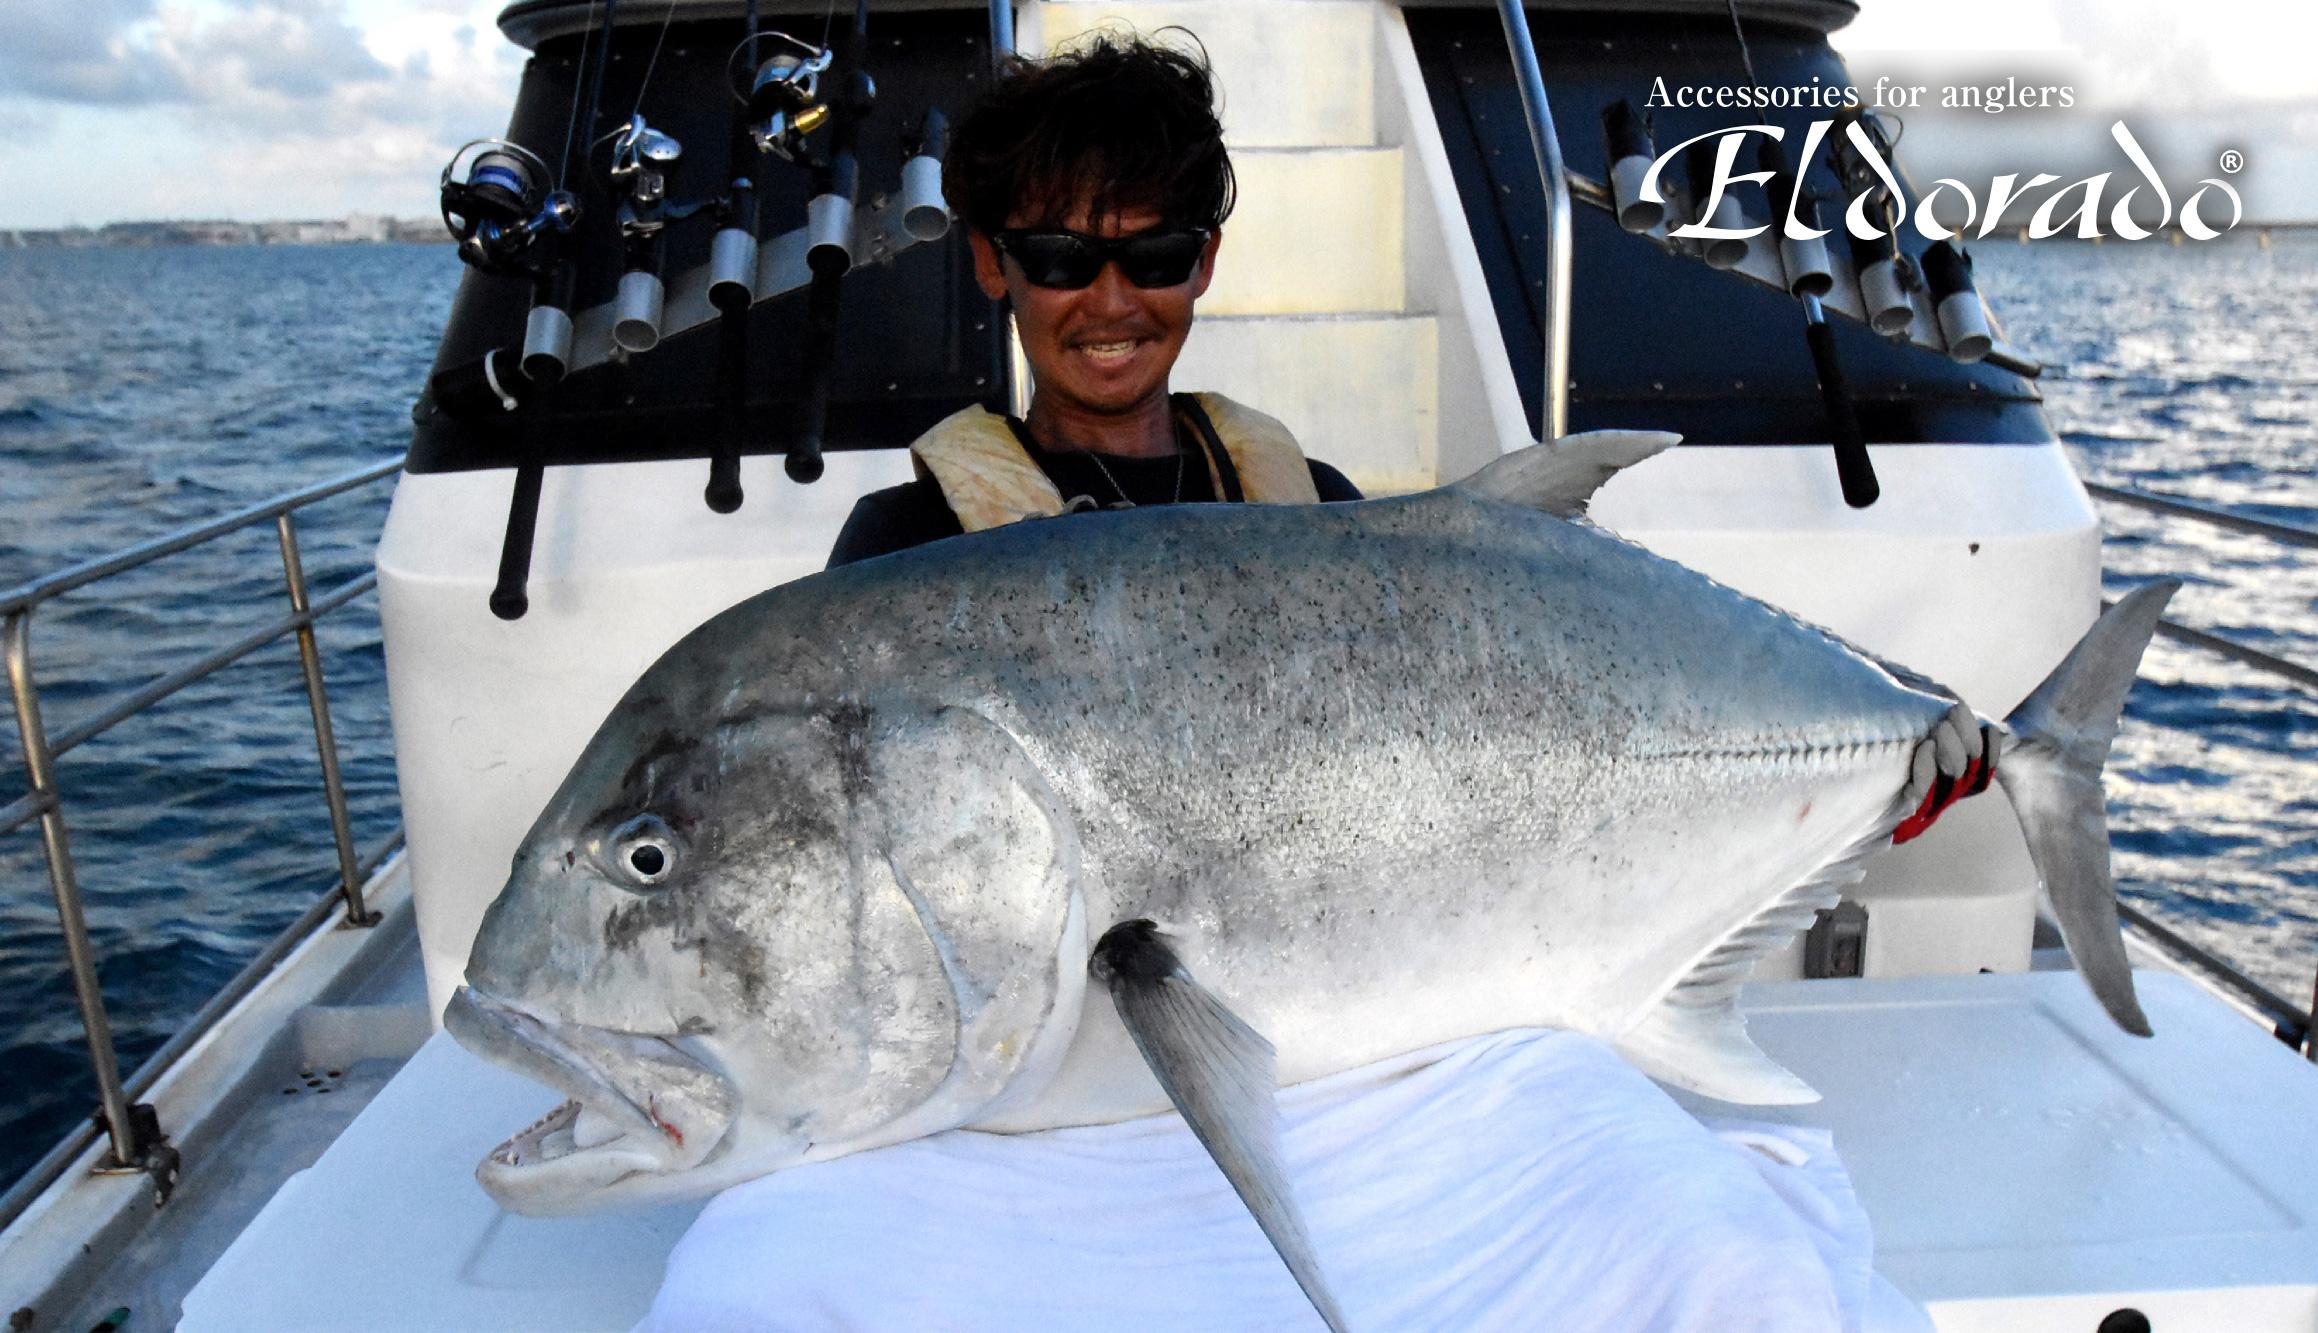 釣り人(アングラー)のためのシルバーアクセサリー専門 エルドラド